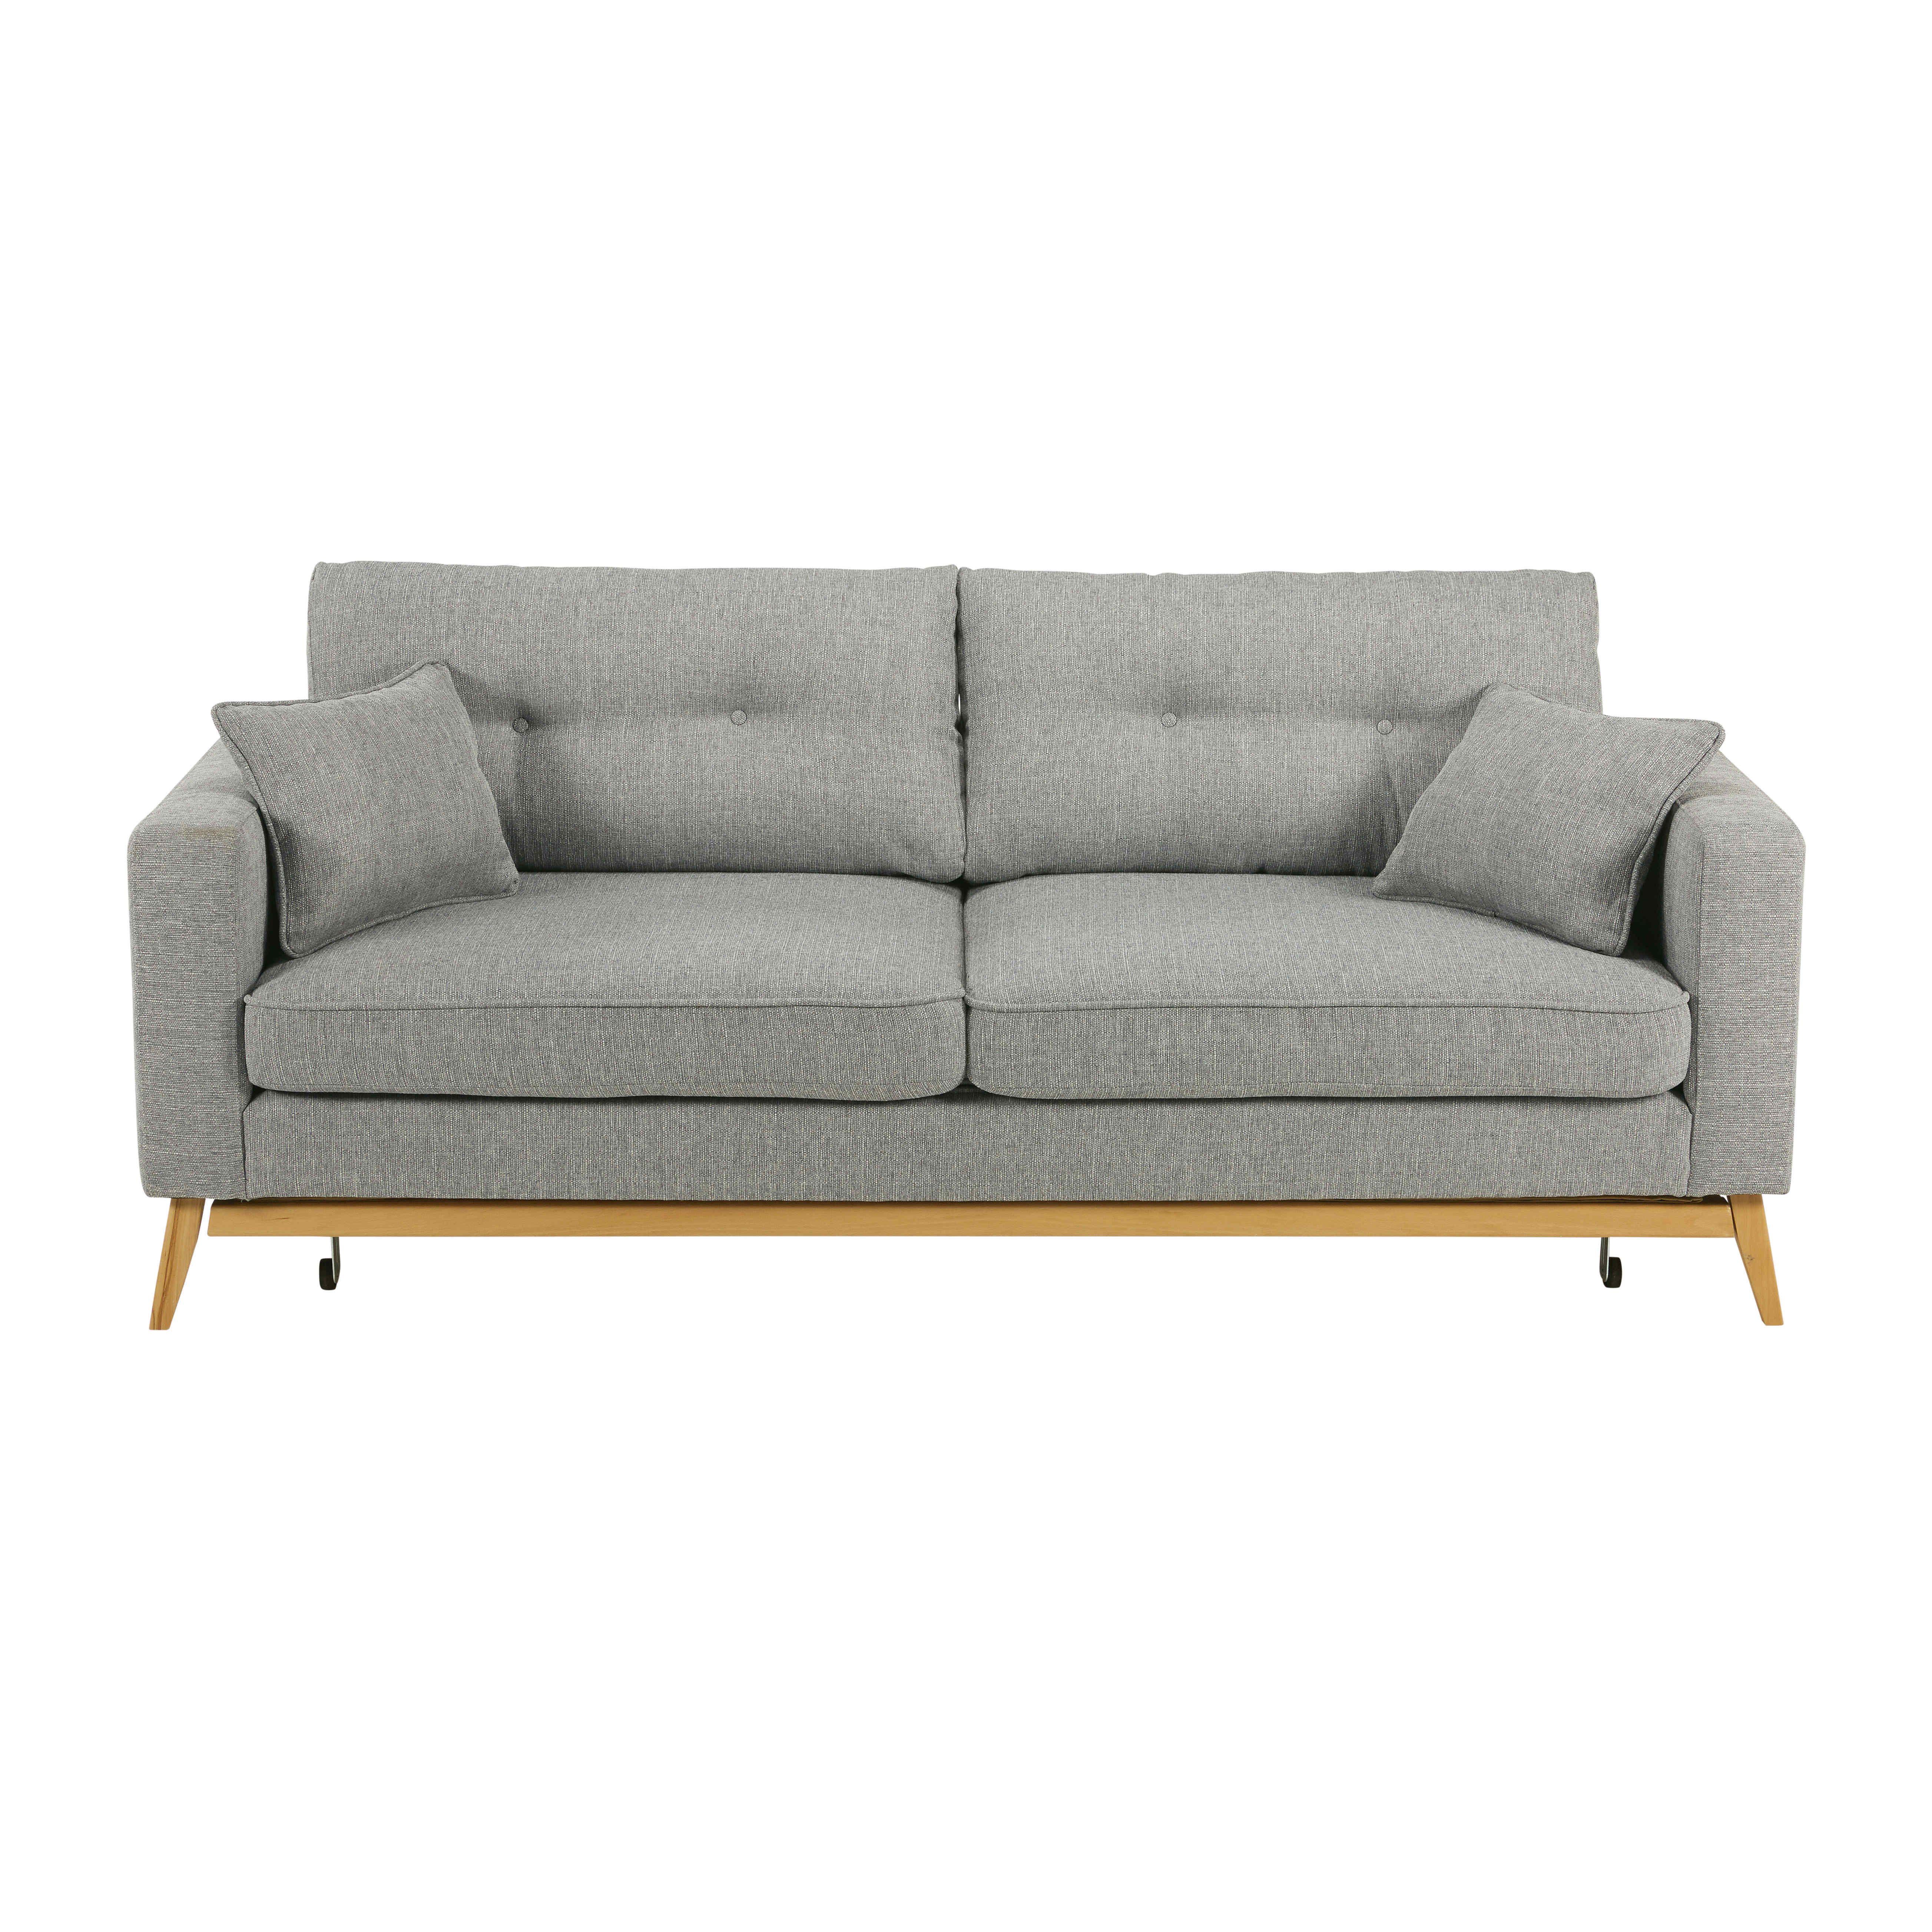 Canape Lit Style Scandinave 3 Places Gris Clair Maisons Du Monde Light Gray Sofas Scandinavian Sofas Scandinavian Sofa Design